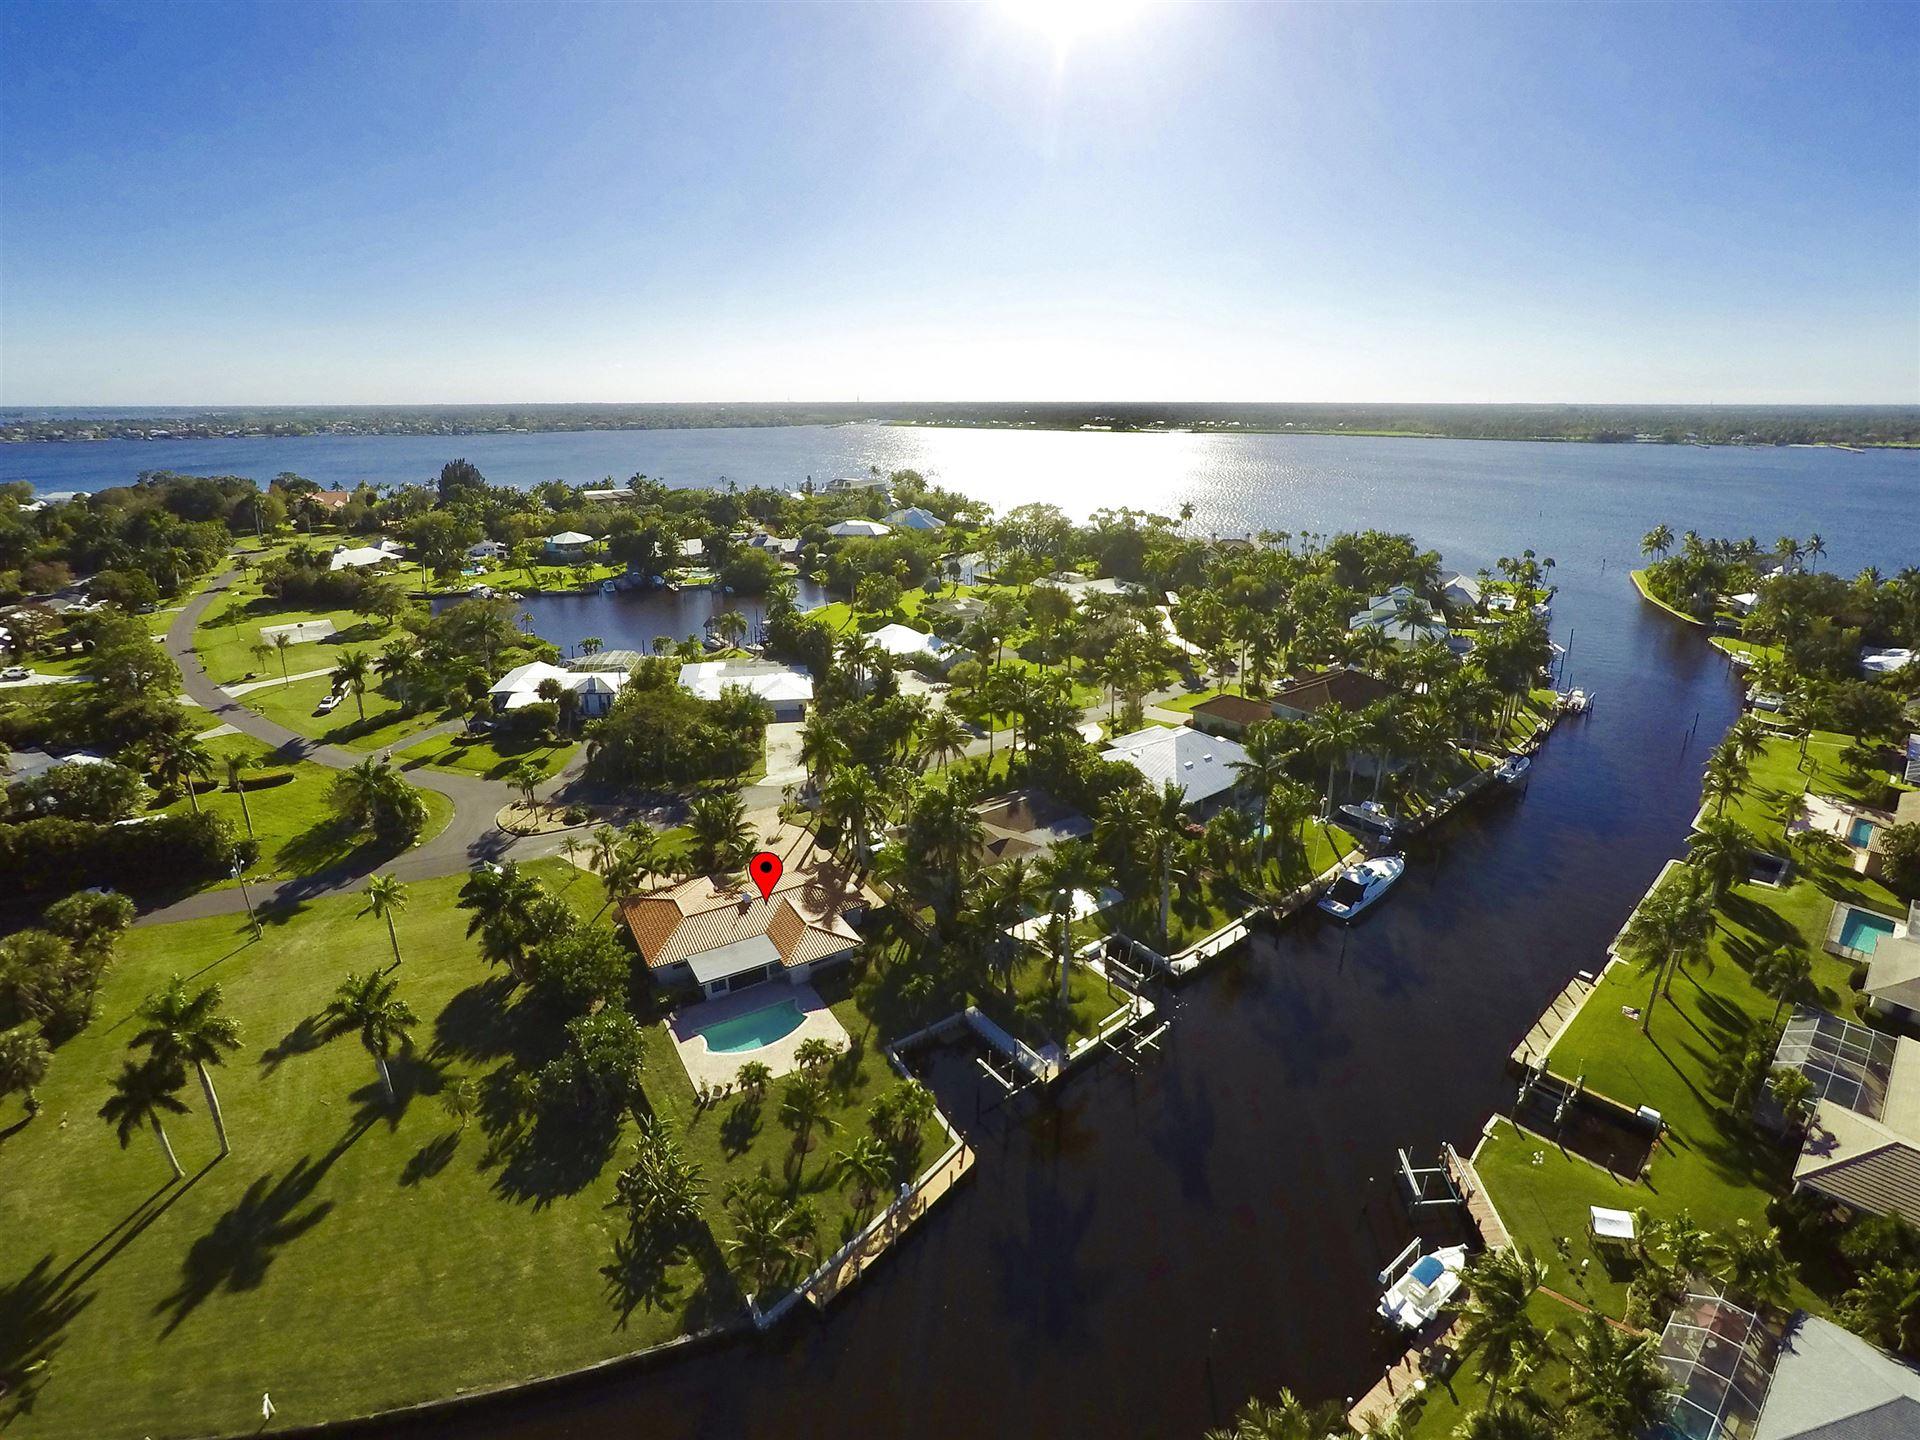 1695 NW Harbor Place Place, Stuart, FL 34994 - #: RX-10623863